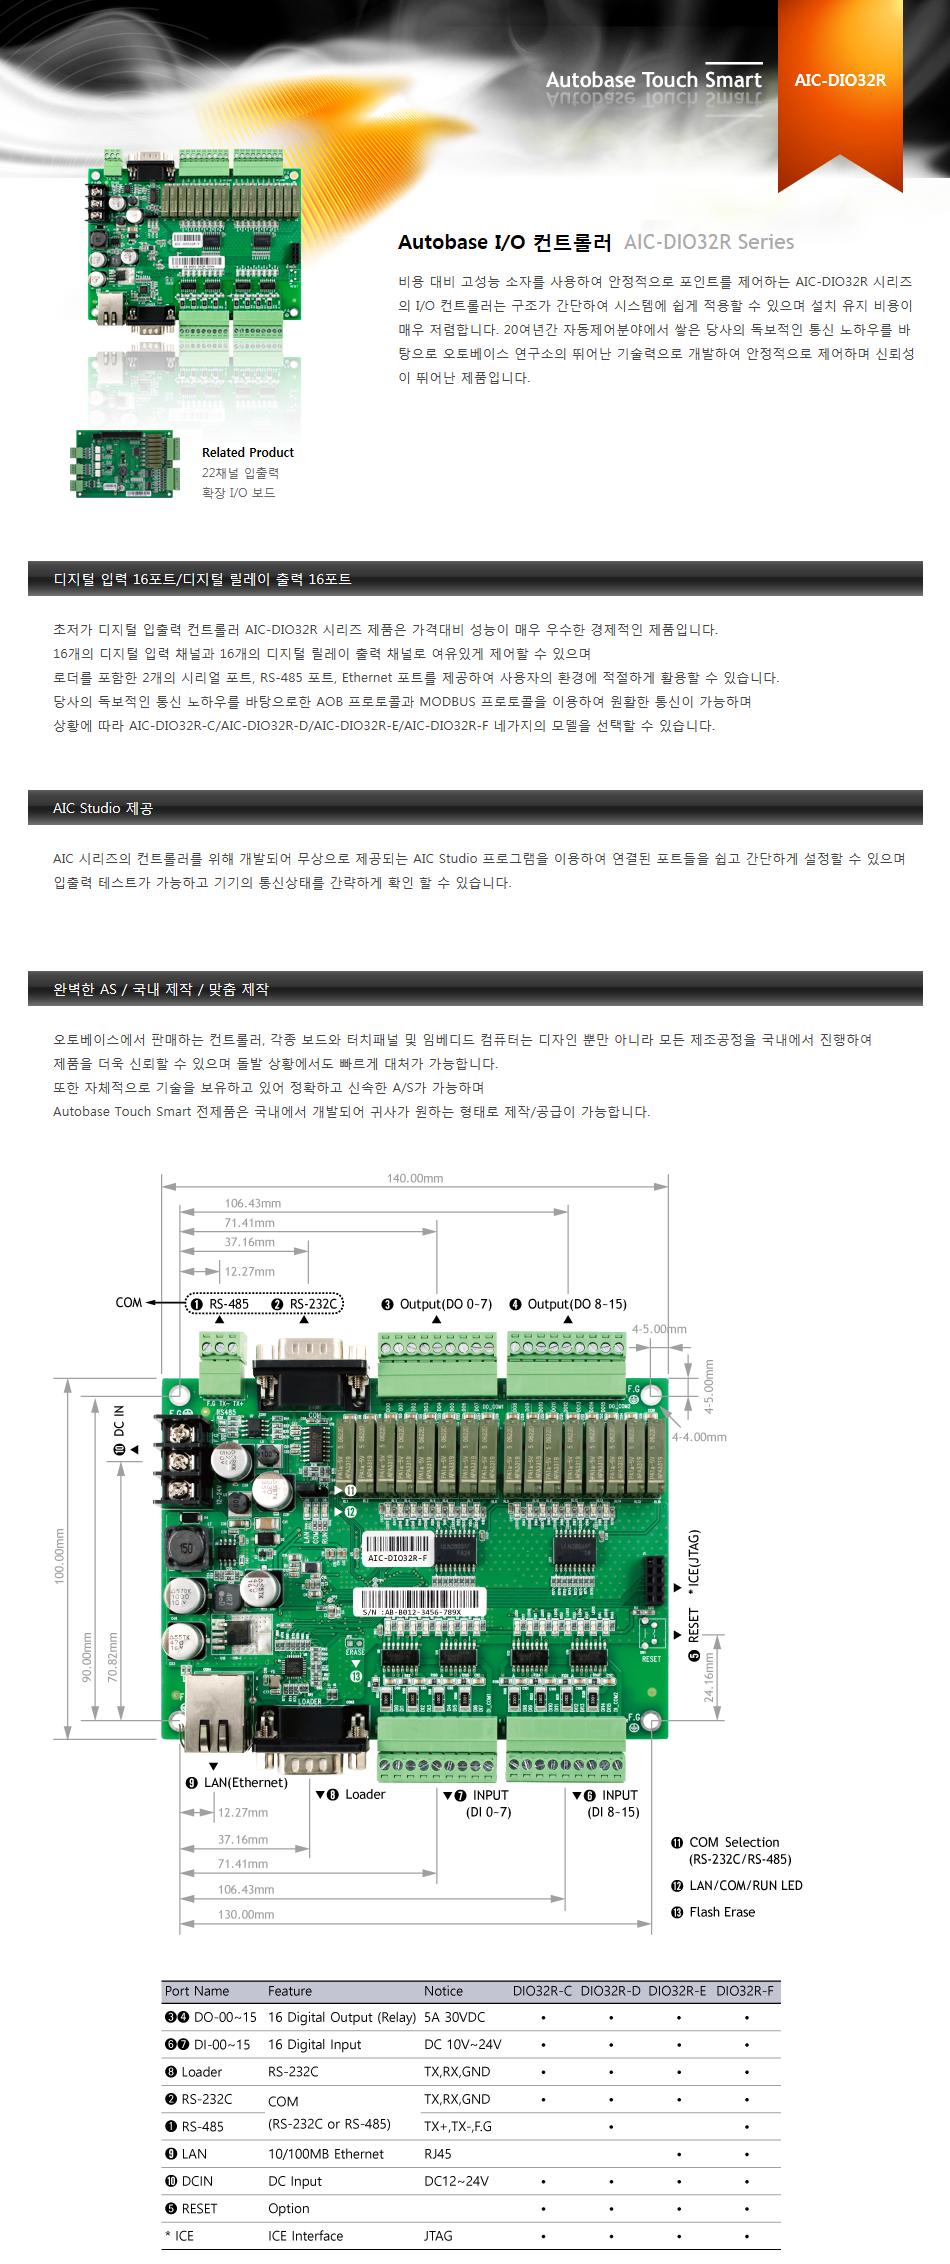 (주)오토베이스 Autobase I/O 컨트롤러 AIC-DIO32R Series